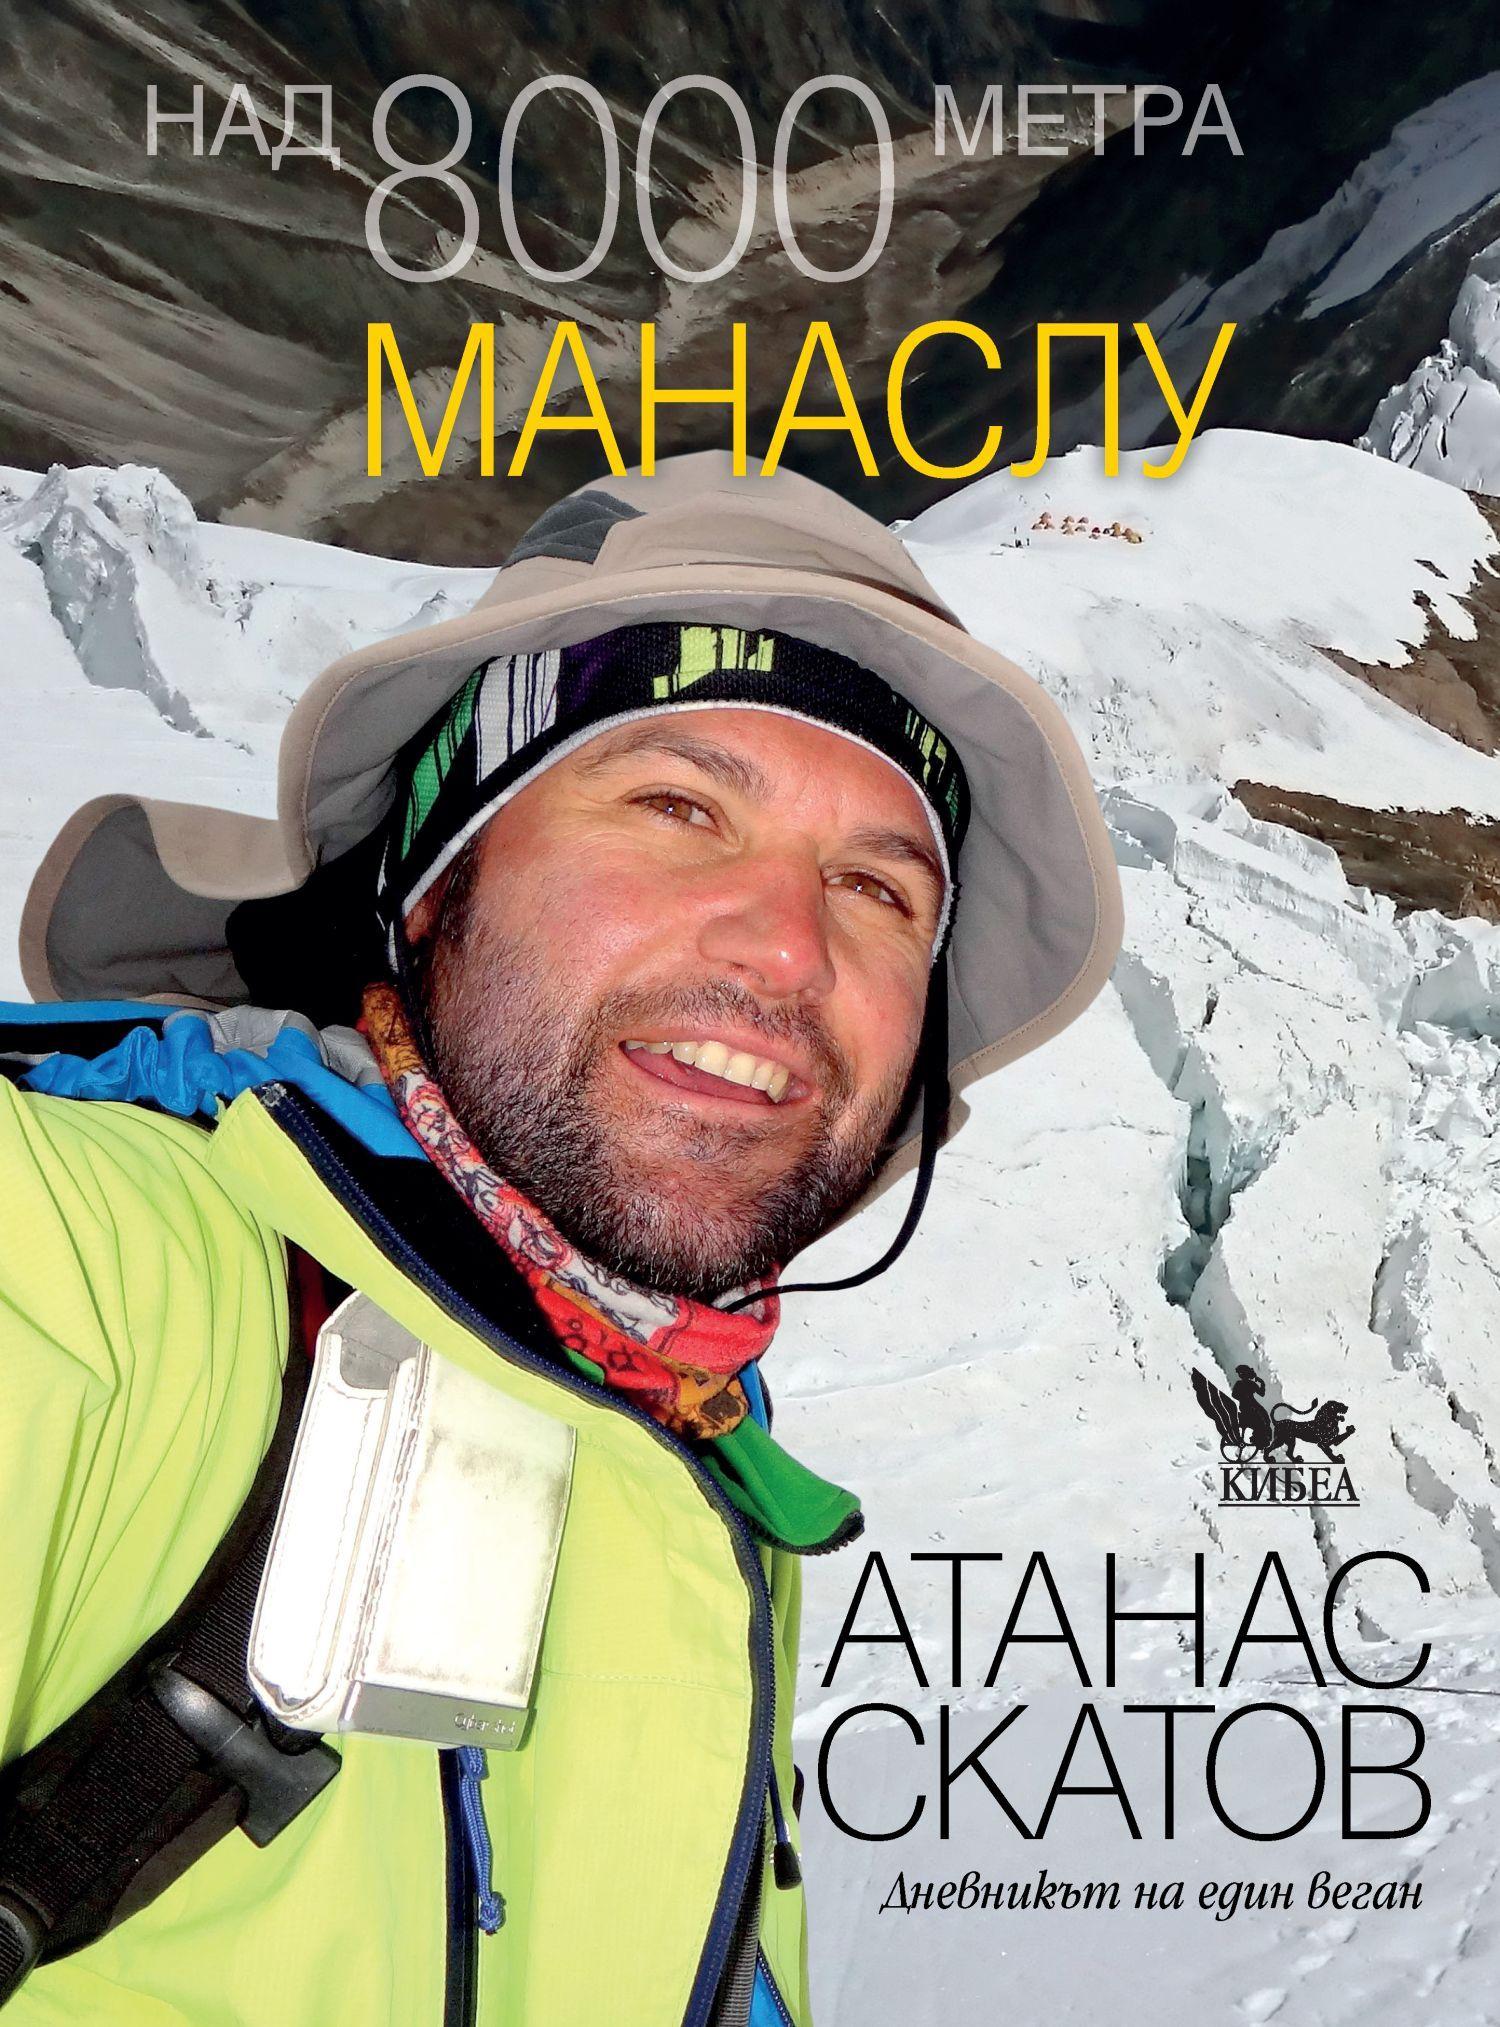 Над 8000 метра. Манаслу - 1